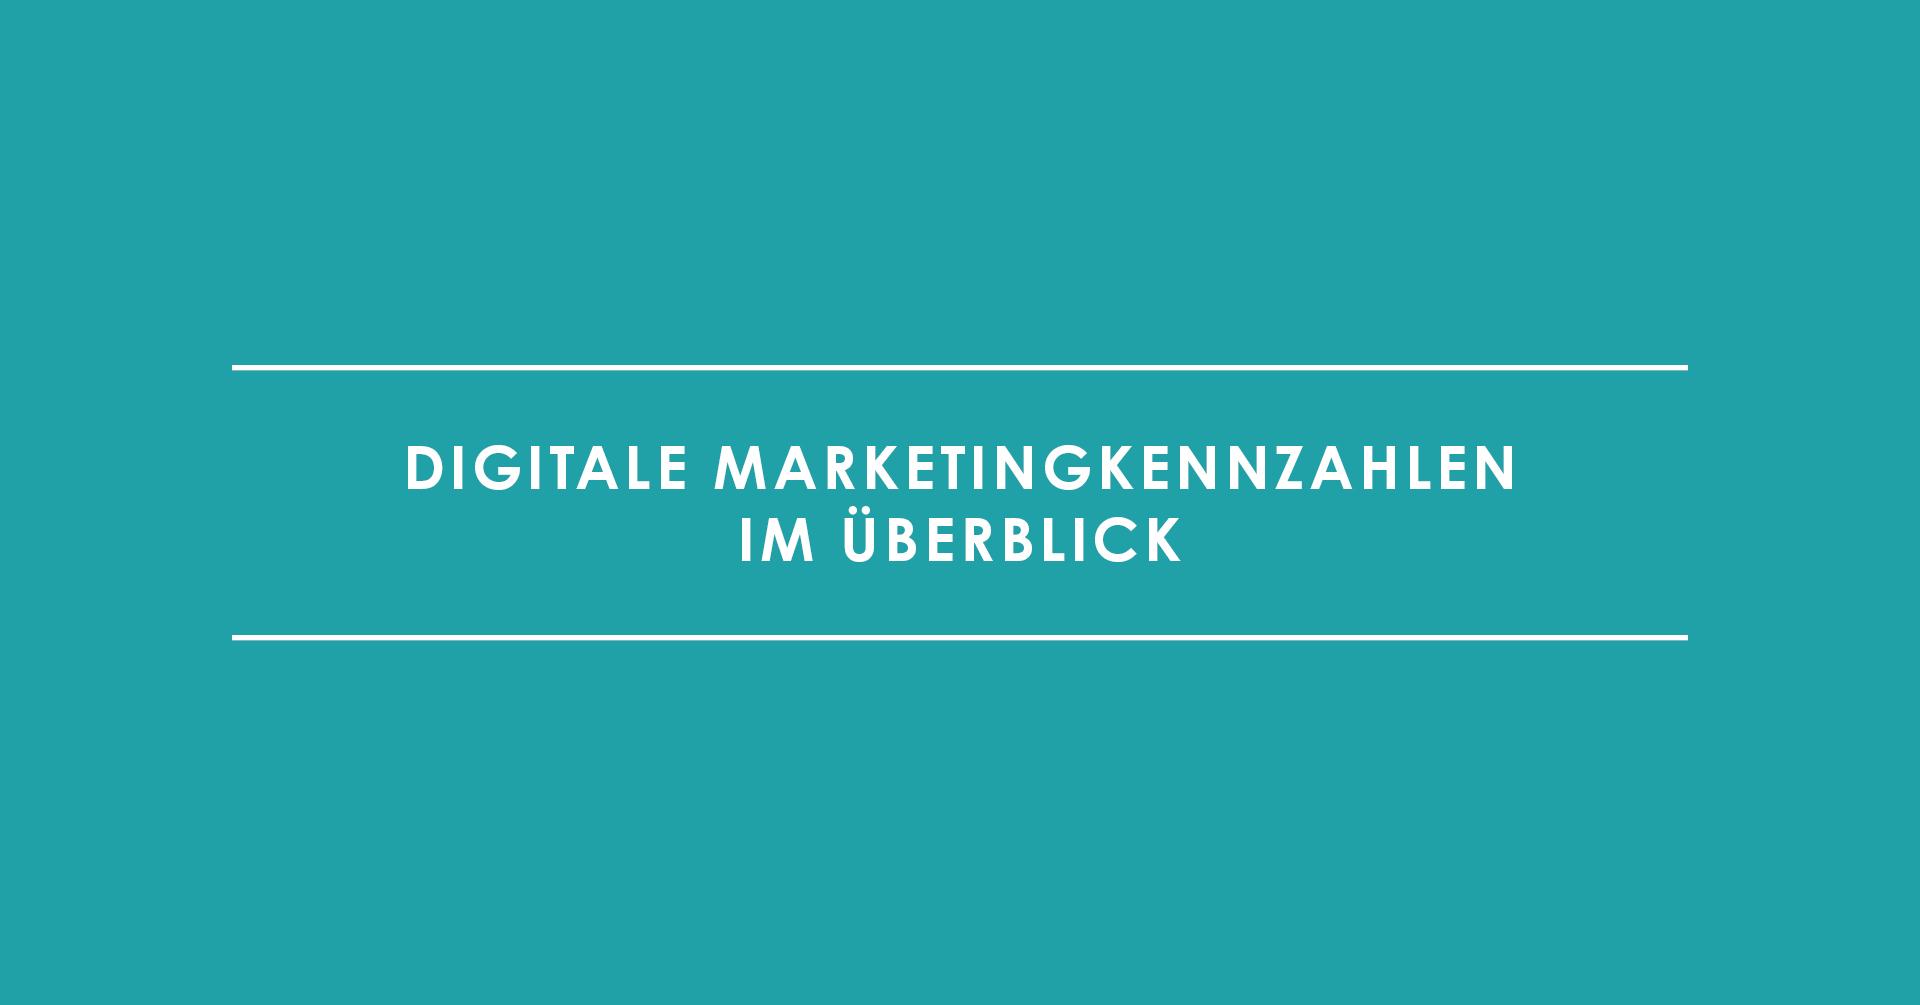 Digitale Marketingkennzahlen im Überblick